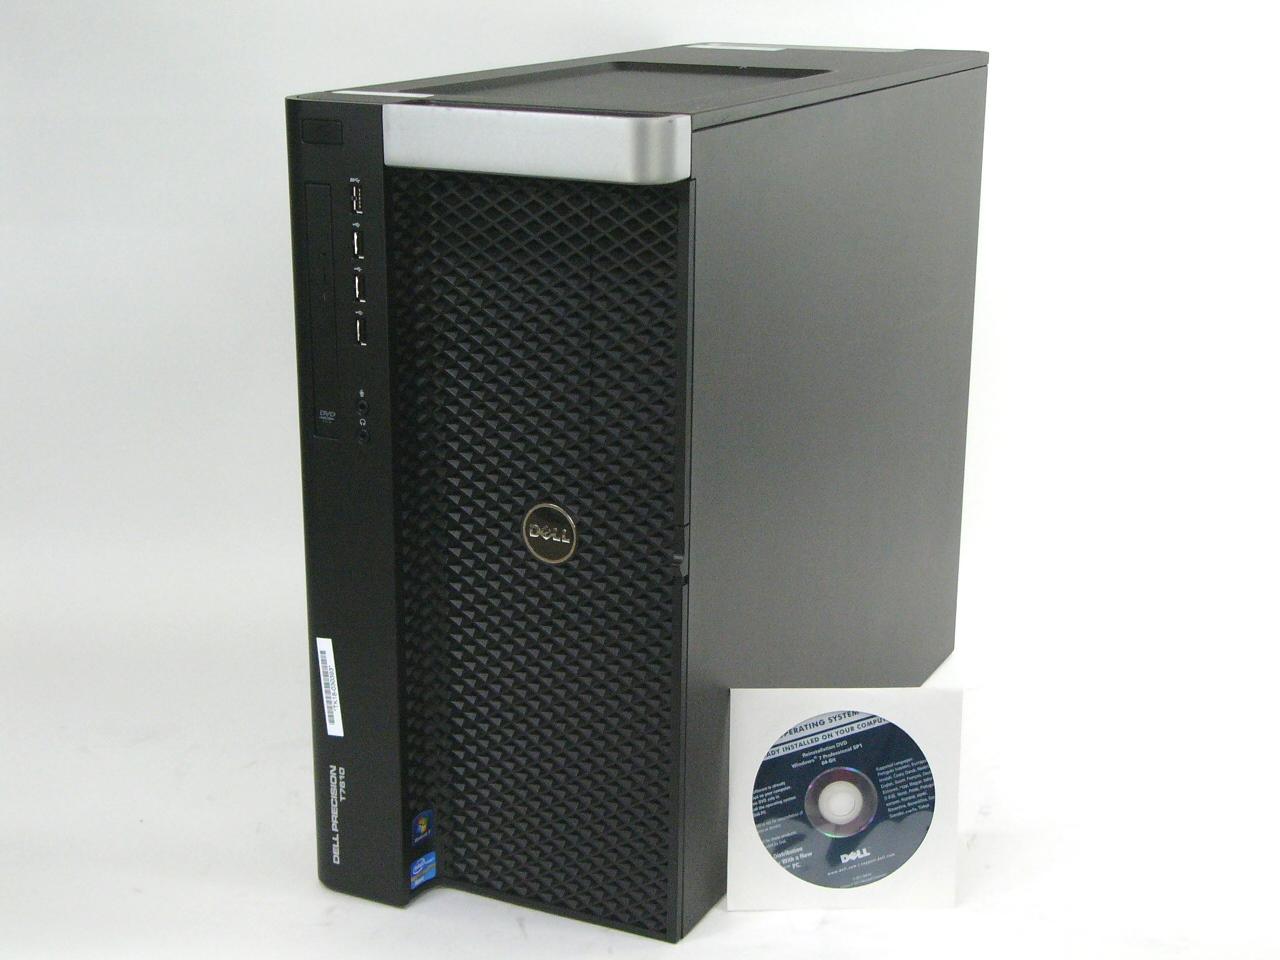 DELL Precision T7610 /Windows 7 Pro /Xeon E5-2650_V2 /2TB+500GB 32GB GTX 780 Ti